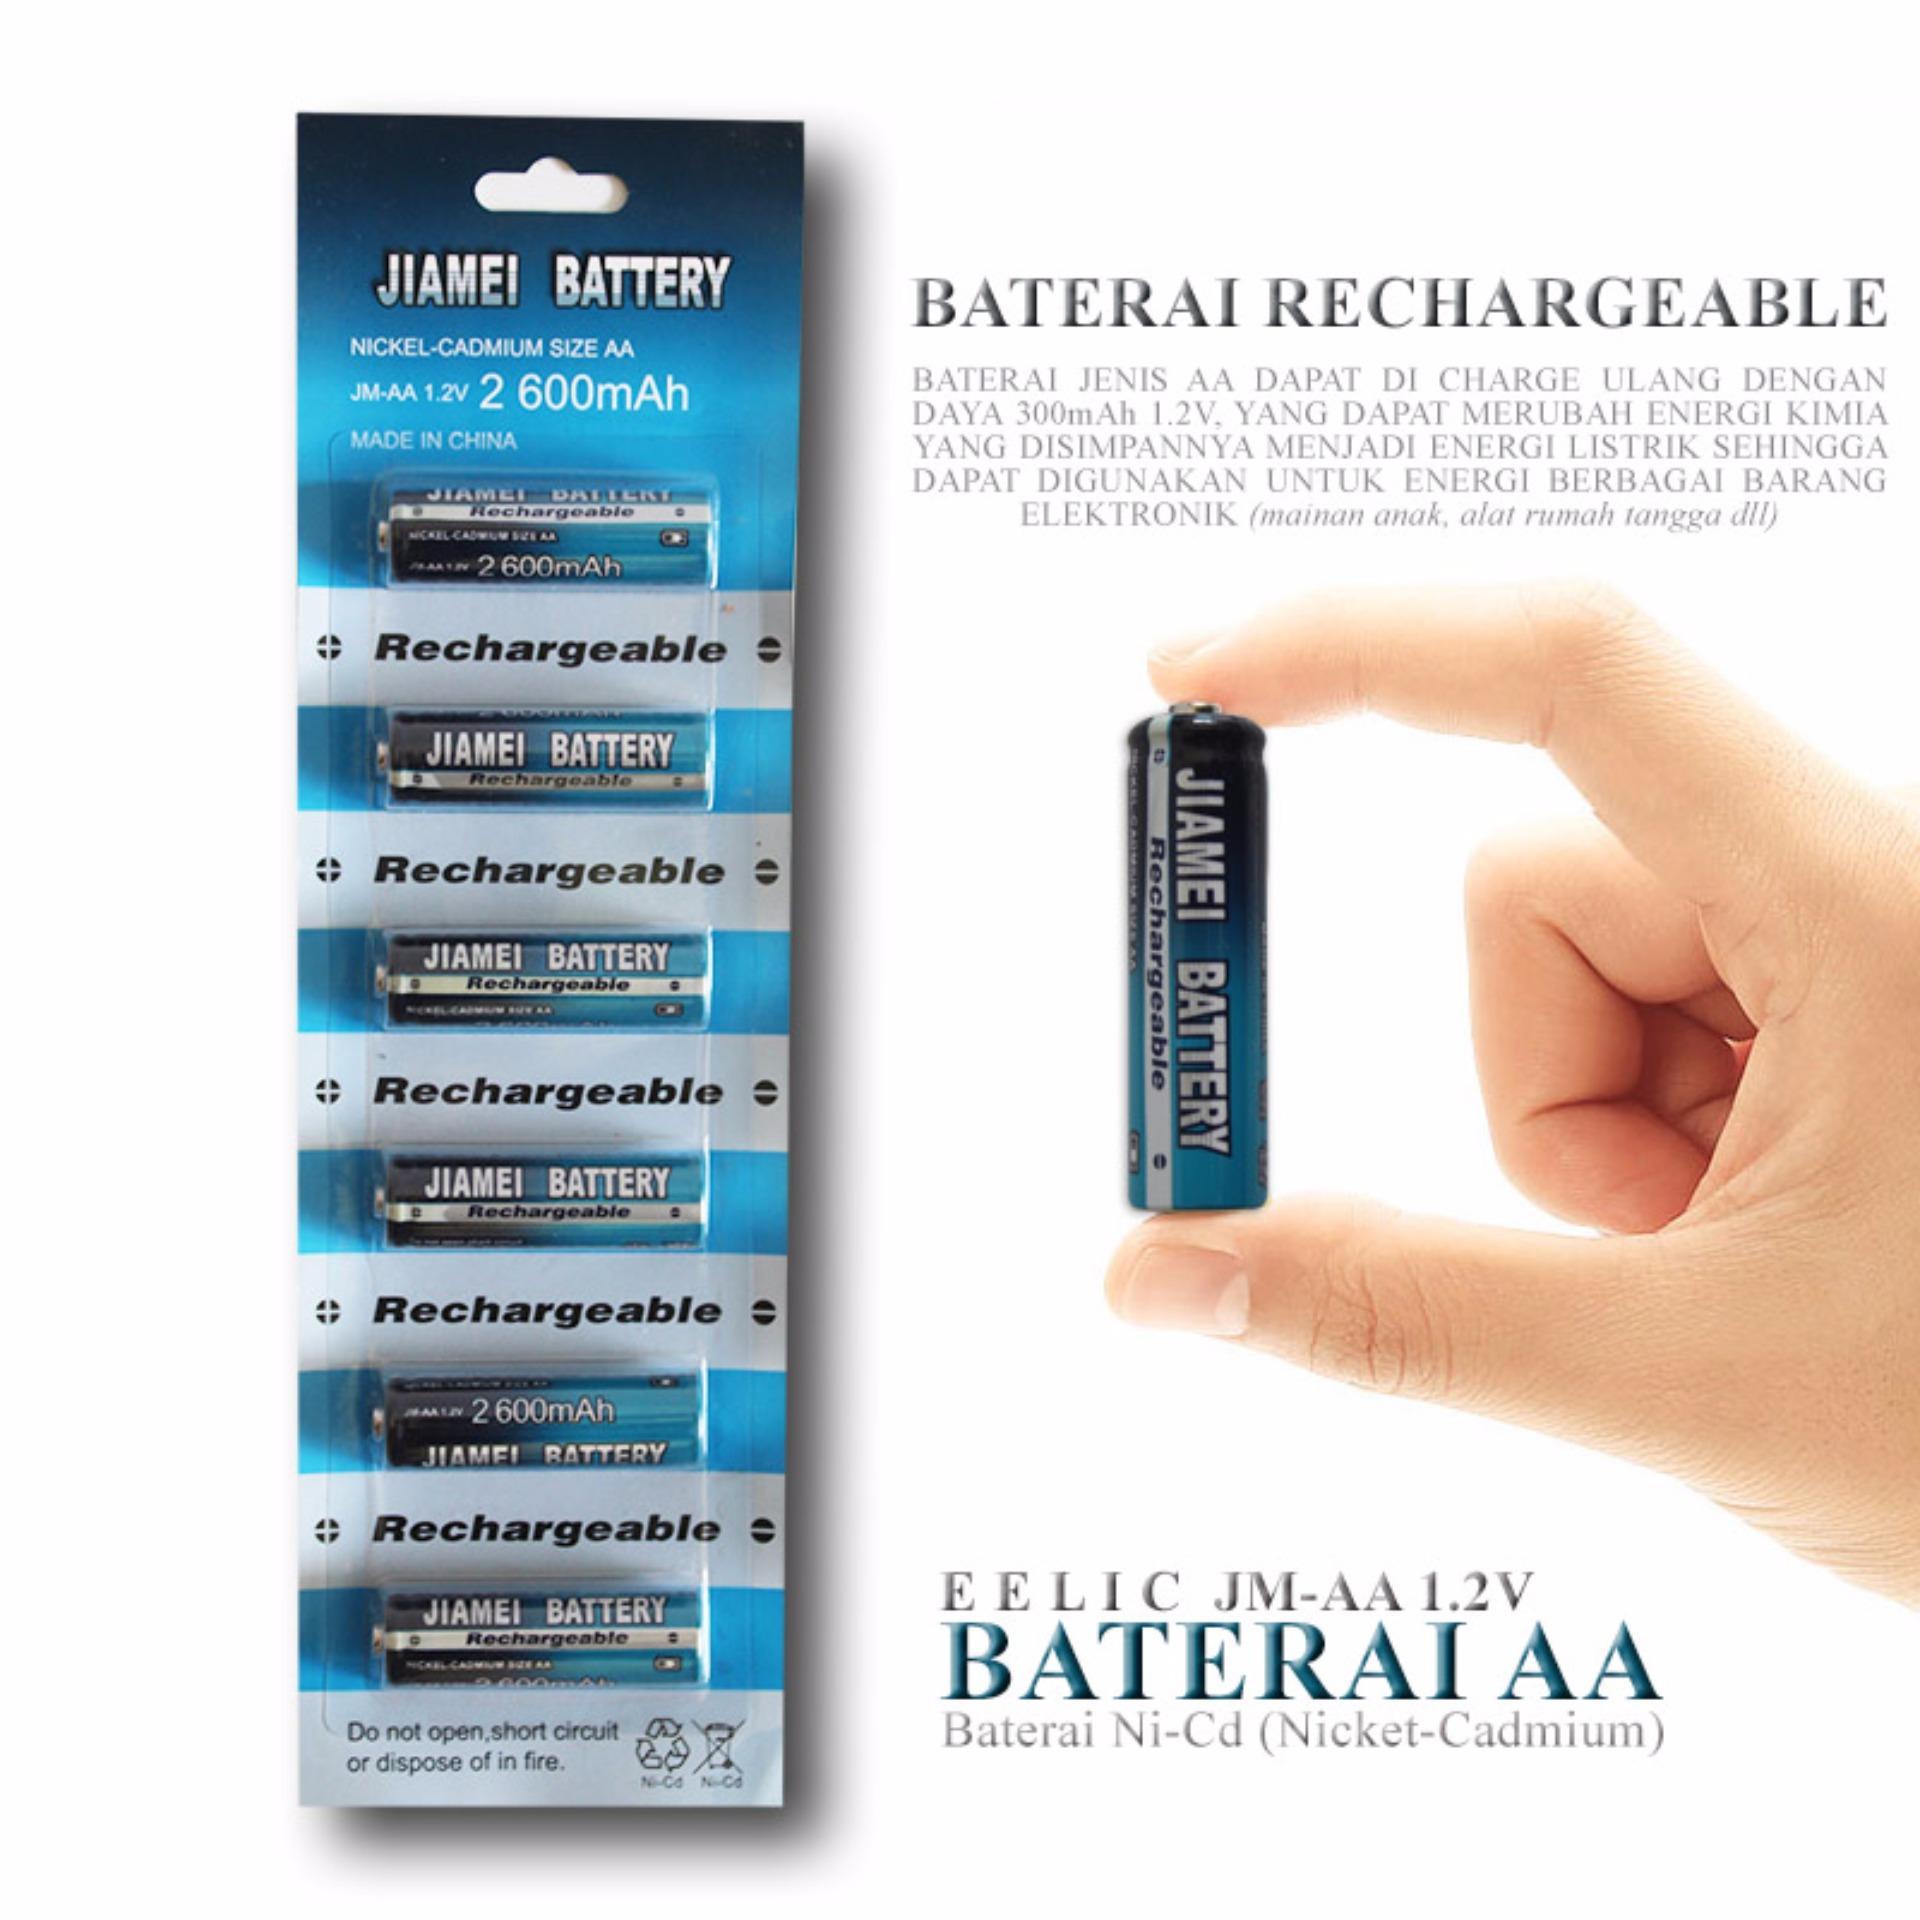 EELIC JM AA 1 2V 300mAh Baterai Charge Nickel Cadmium Ukuran AA Baterai cas yang